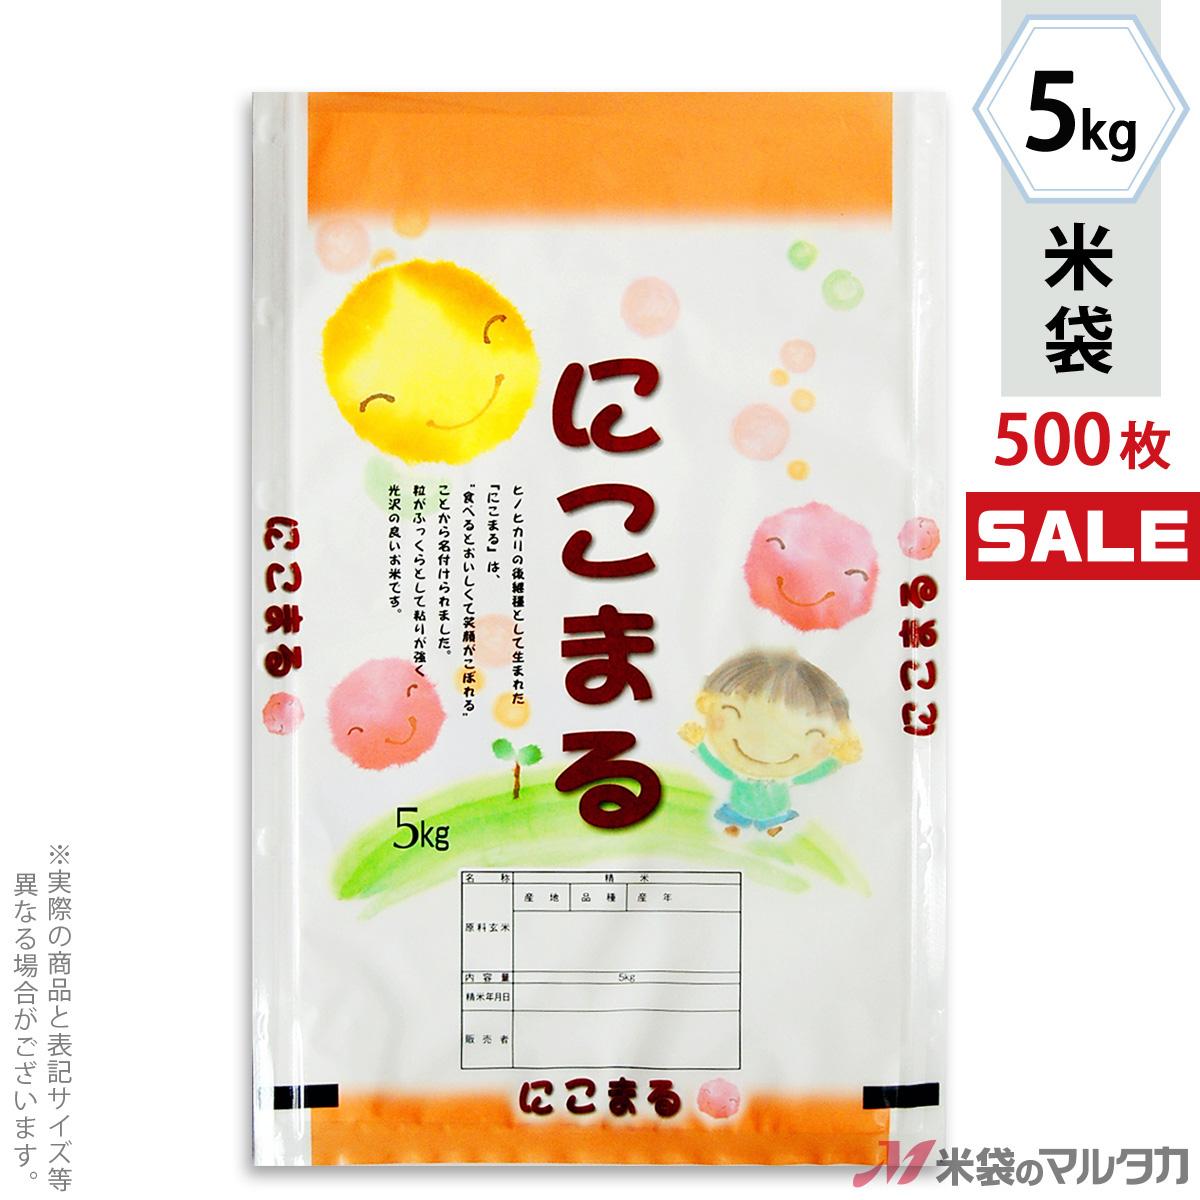 <キャンペーン対応>米袋 ラミ フレブレス にこまる 笑顔 5kg 1ケース(500枚入) MN-0005